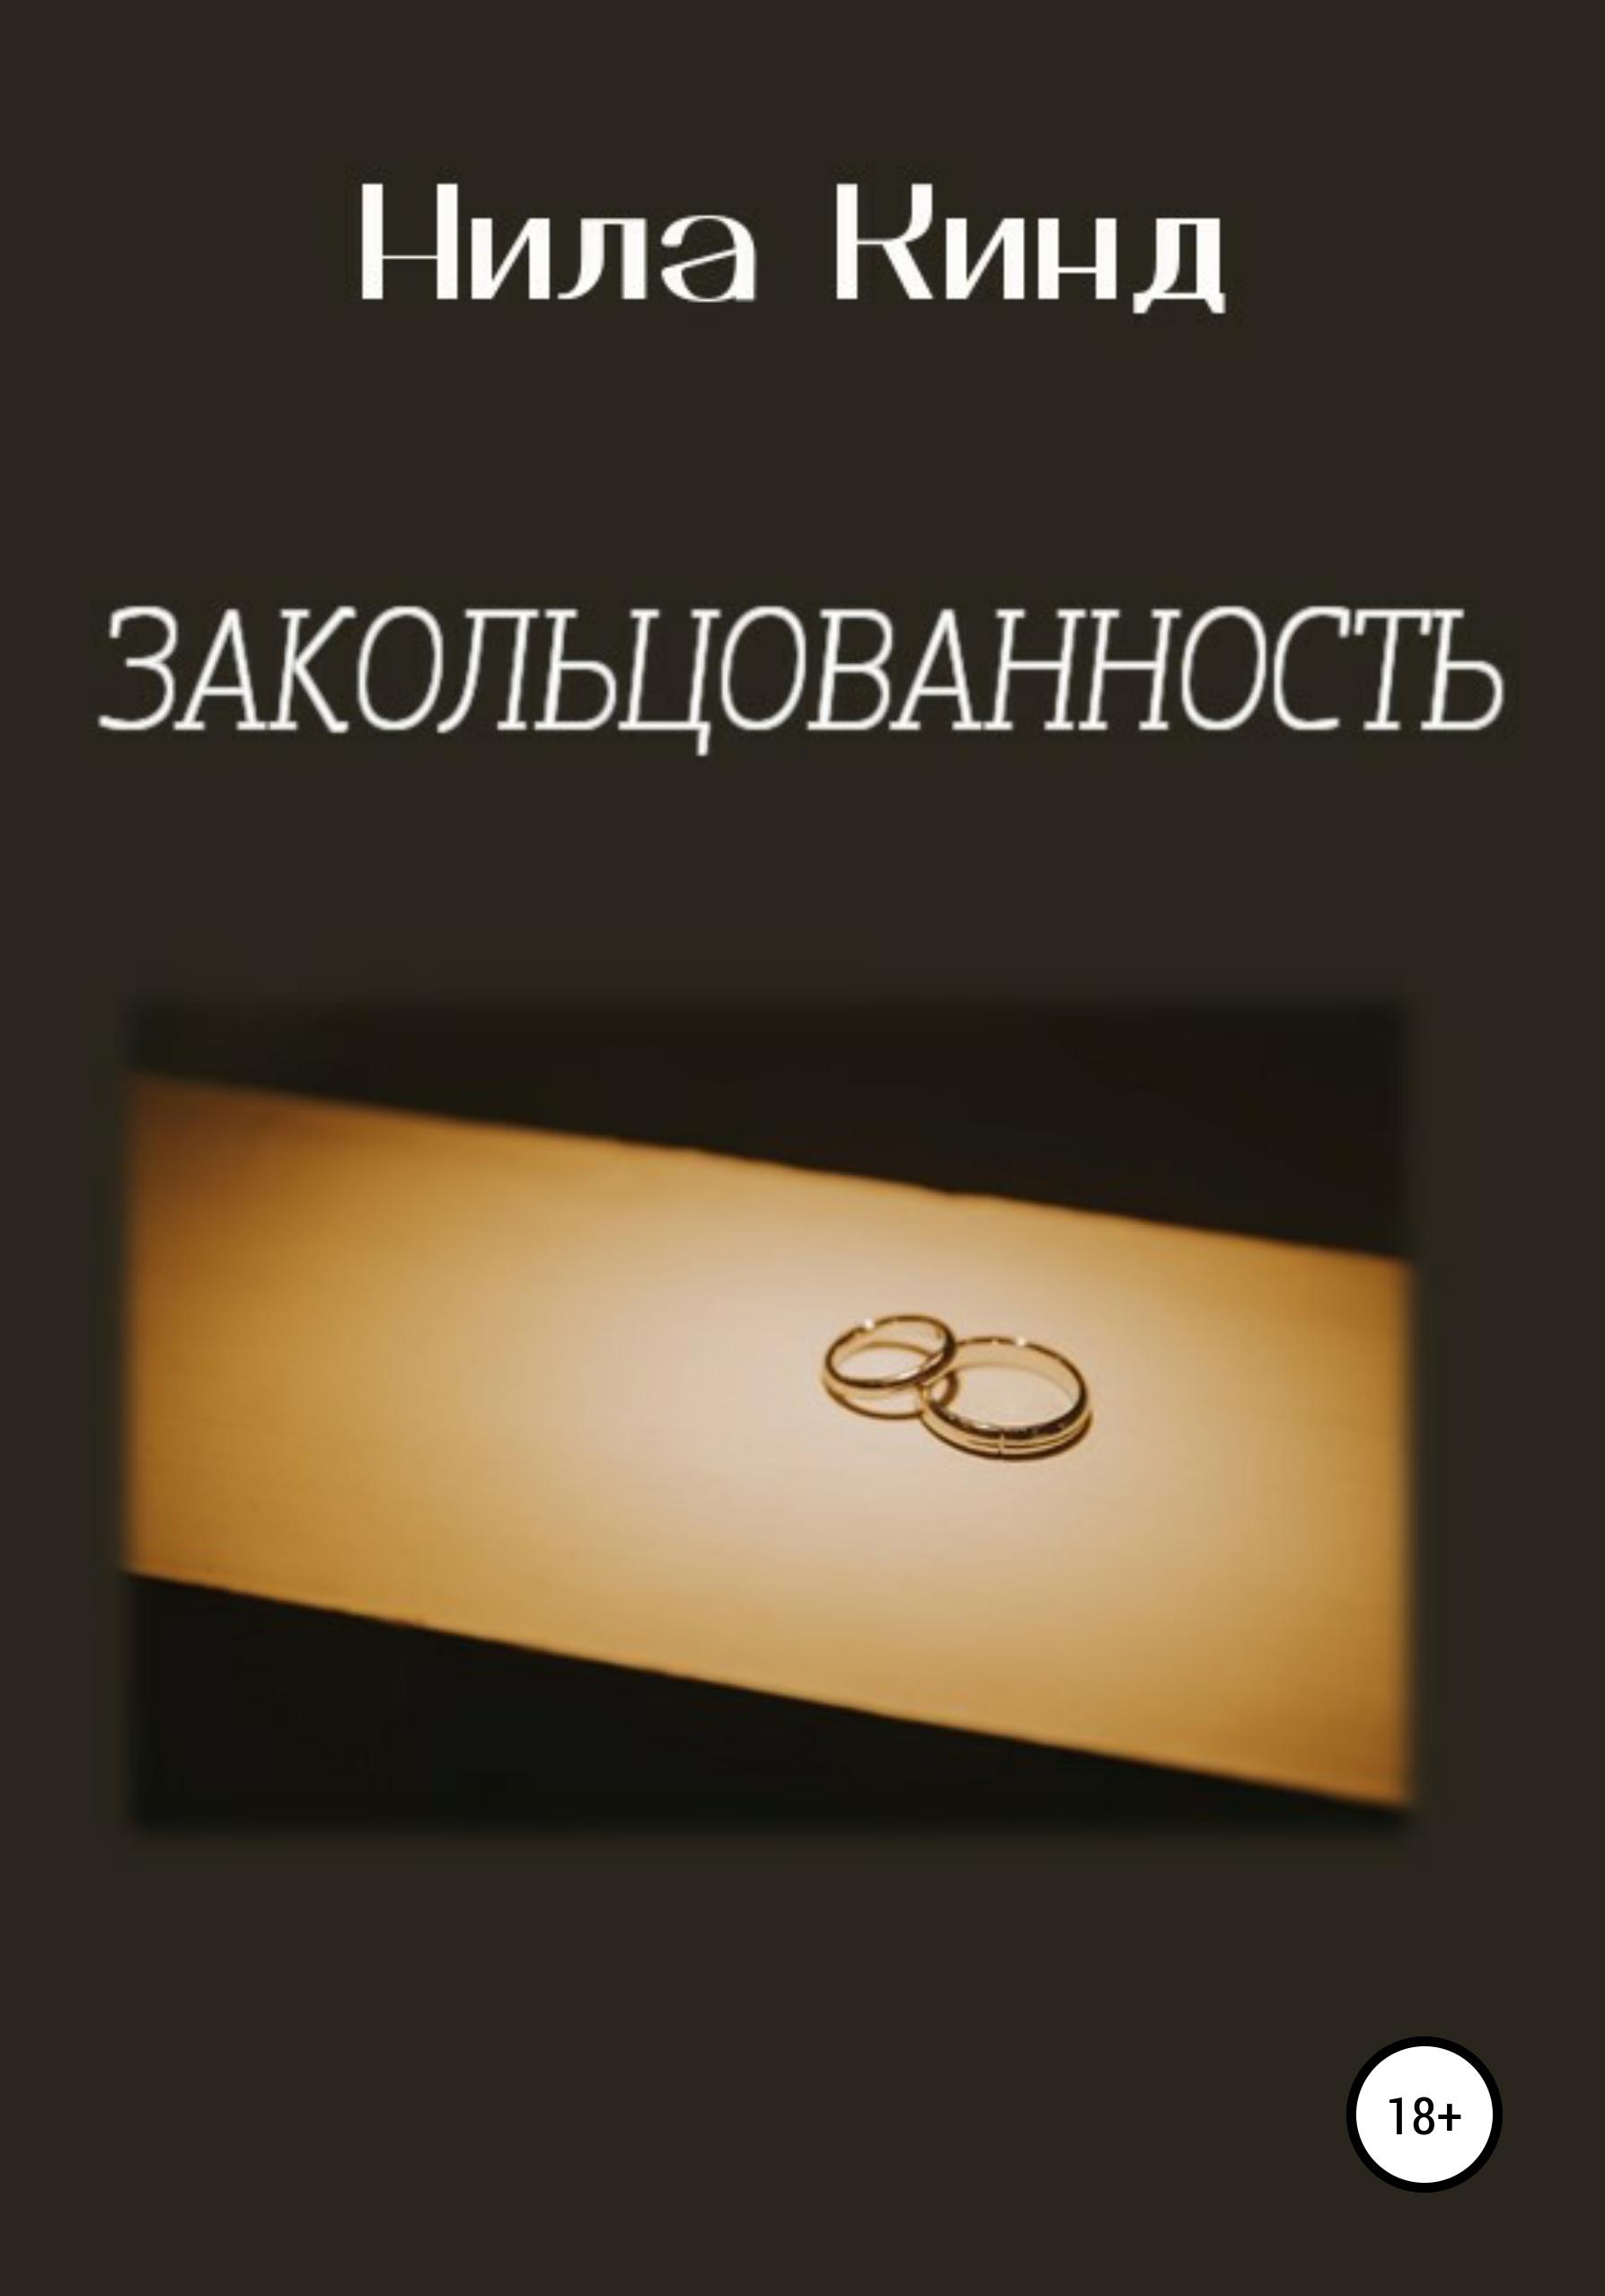 Купить книгу Закольцованность, автора Нил Кинд